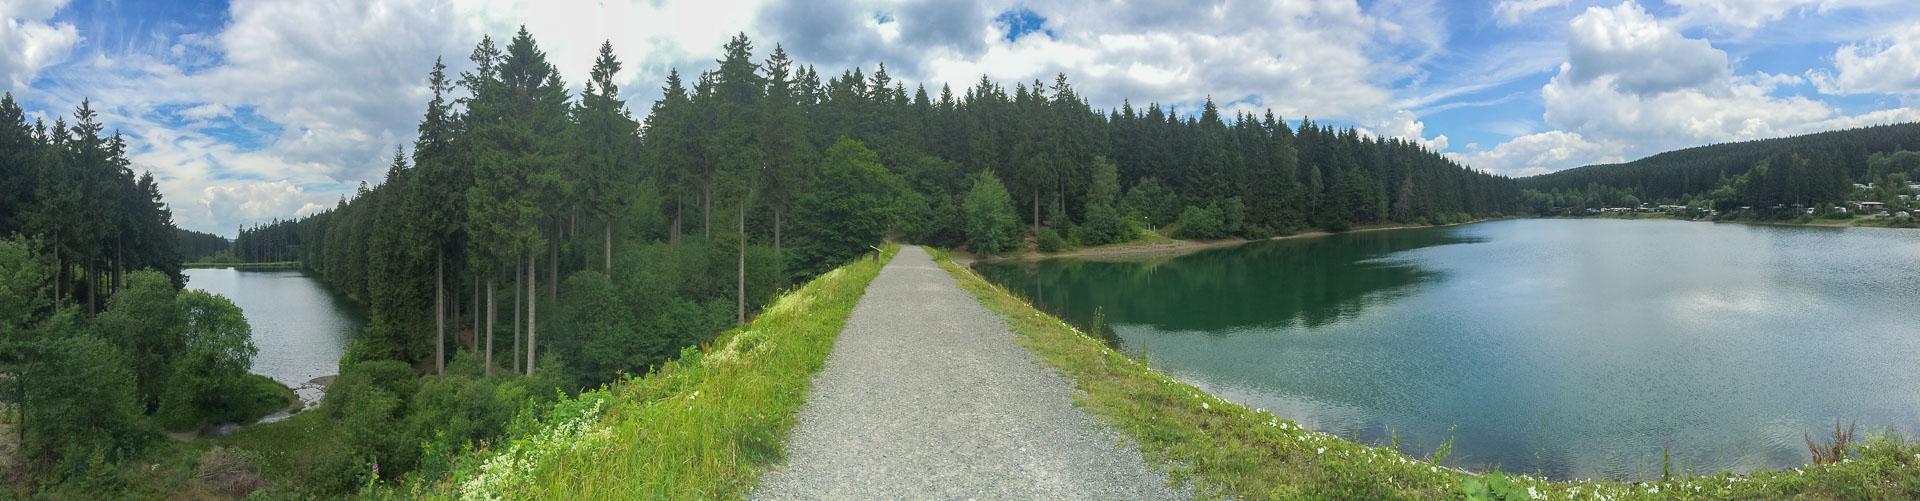 Oberharzer Wasserwirtschaft Panoramaaufnahme Auerhahnteiche